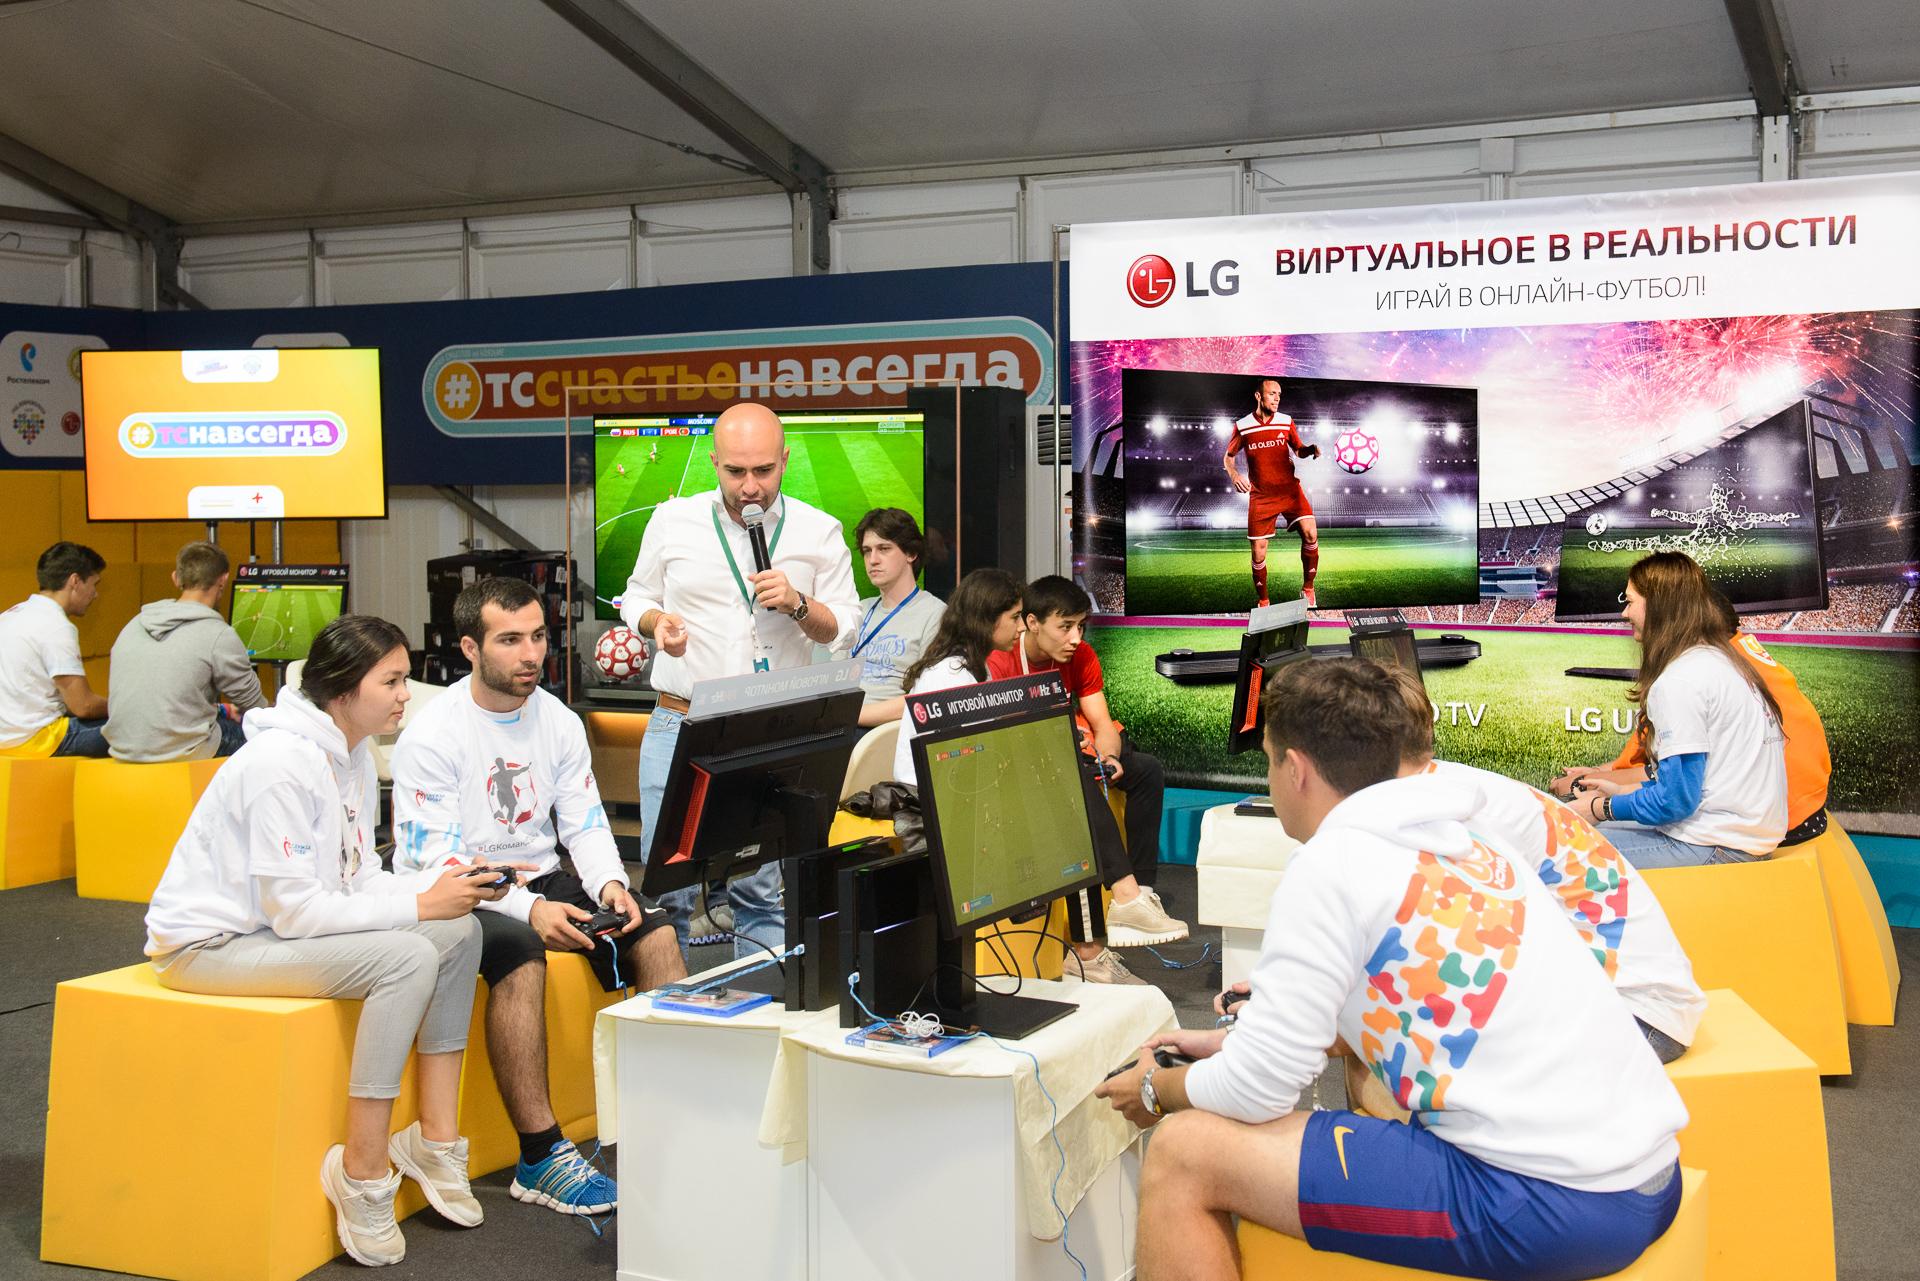 Киберфутбольный турнир отLG иНобеля Арустамяна намолодёжном форуме